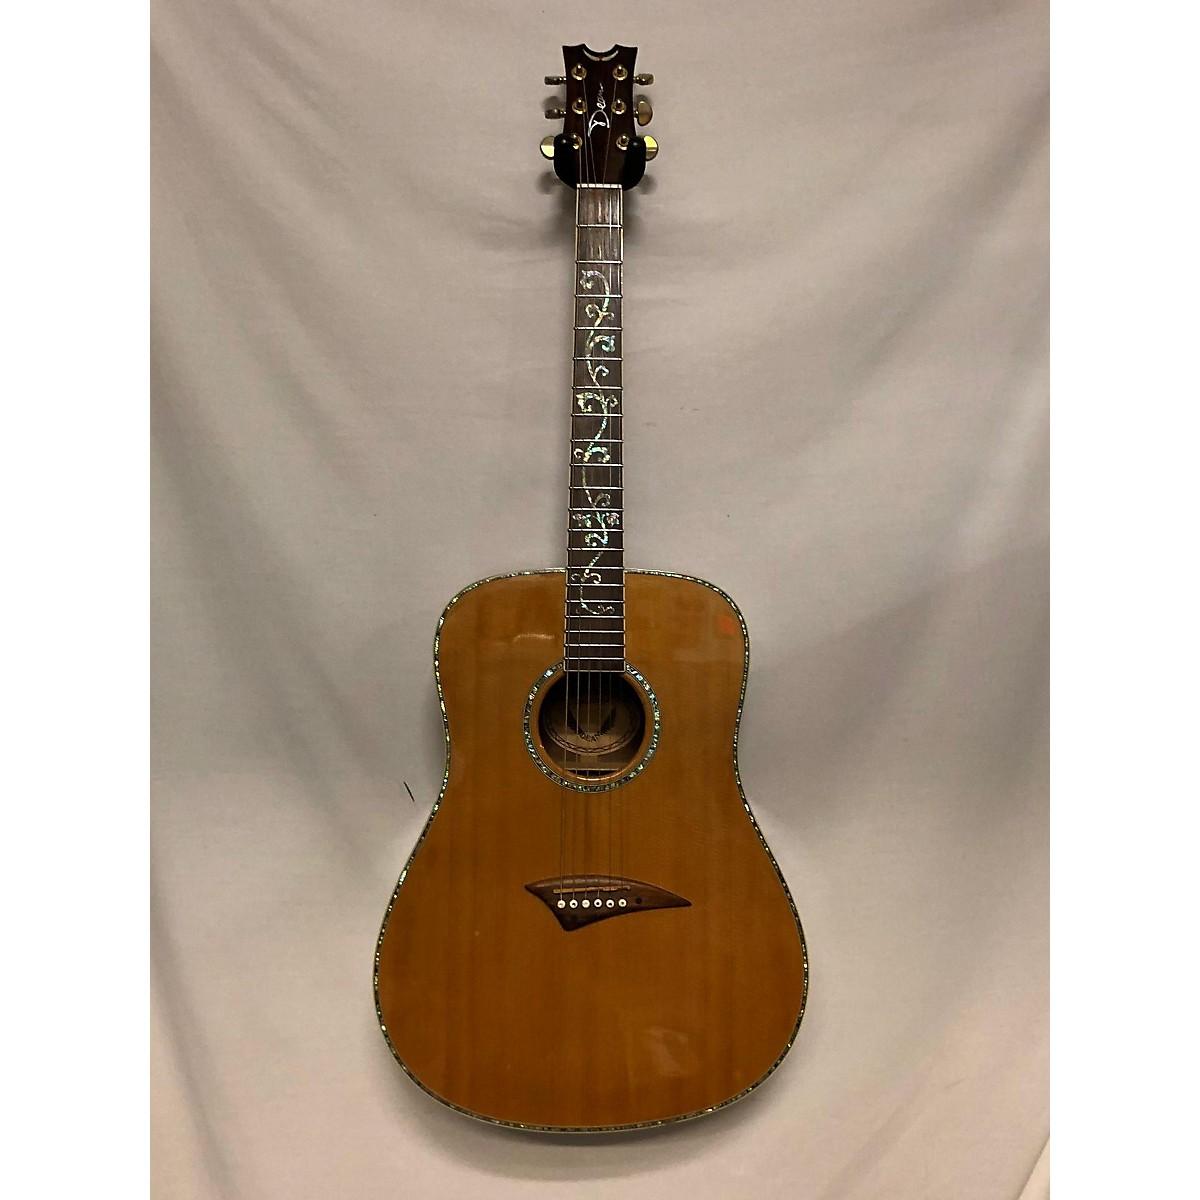 Dean Tradition D24 GN Acoustic Guitar